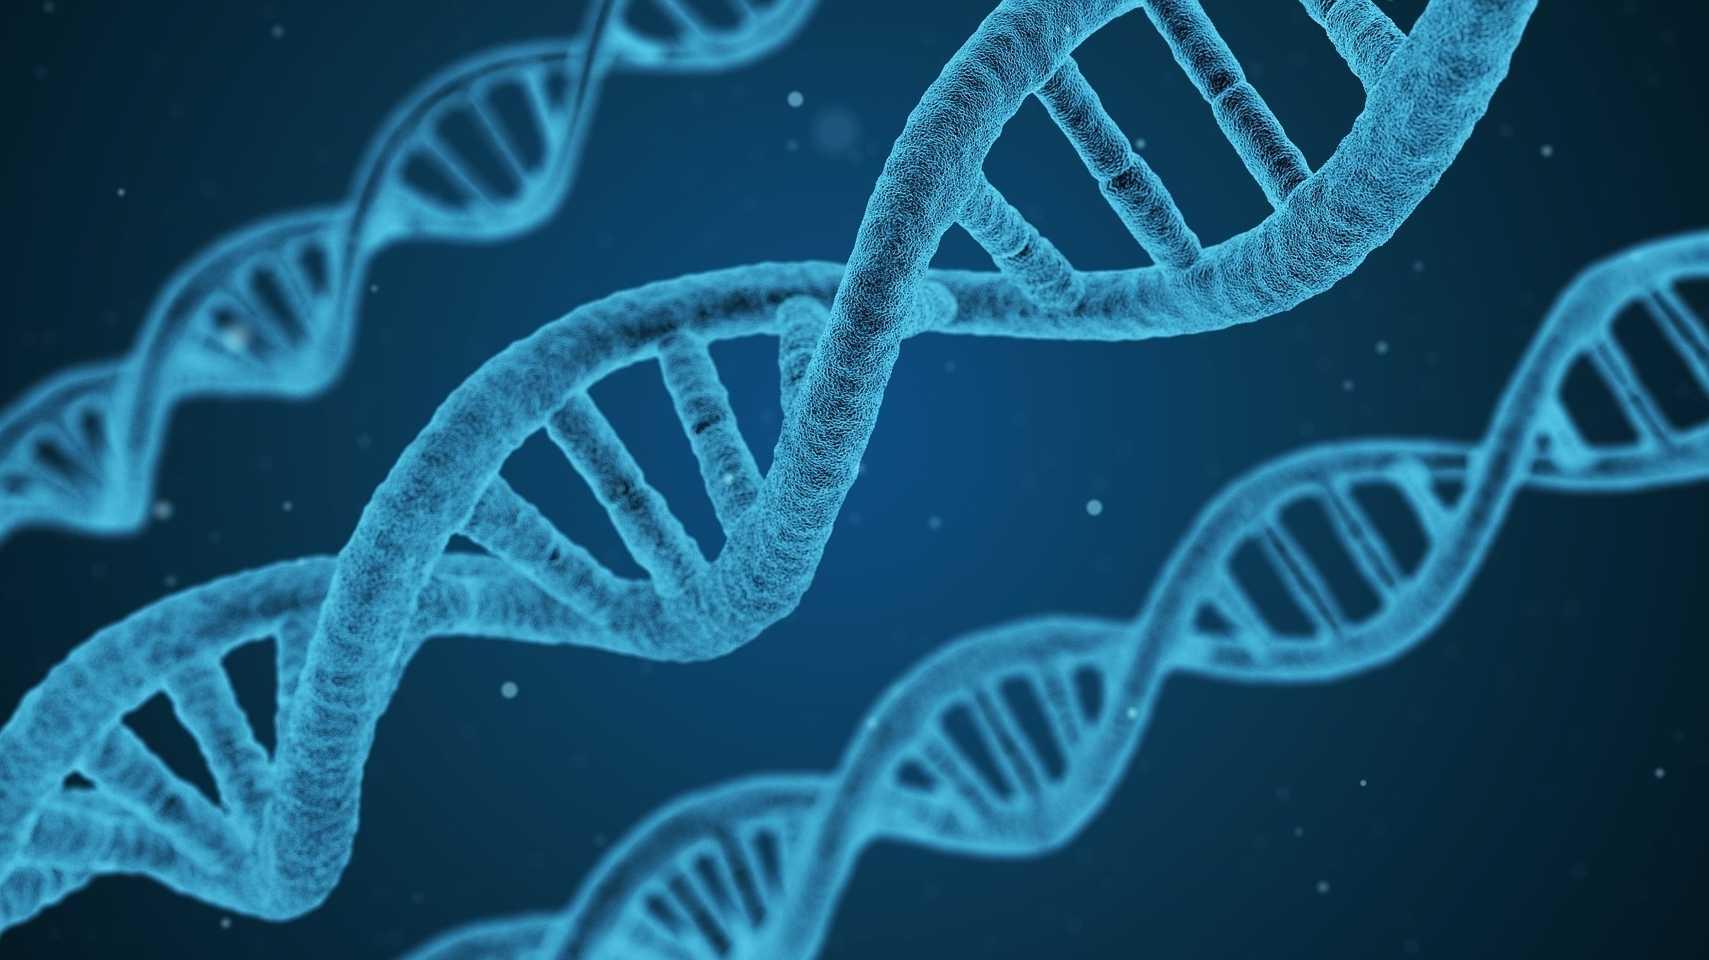 Neuer Sequenzierungsanbieter will Kunden mit Gen-Daten handeln lassen